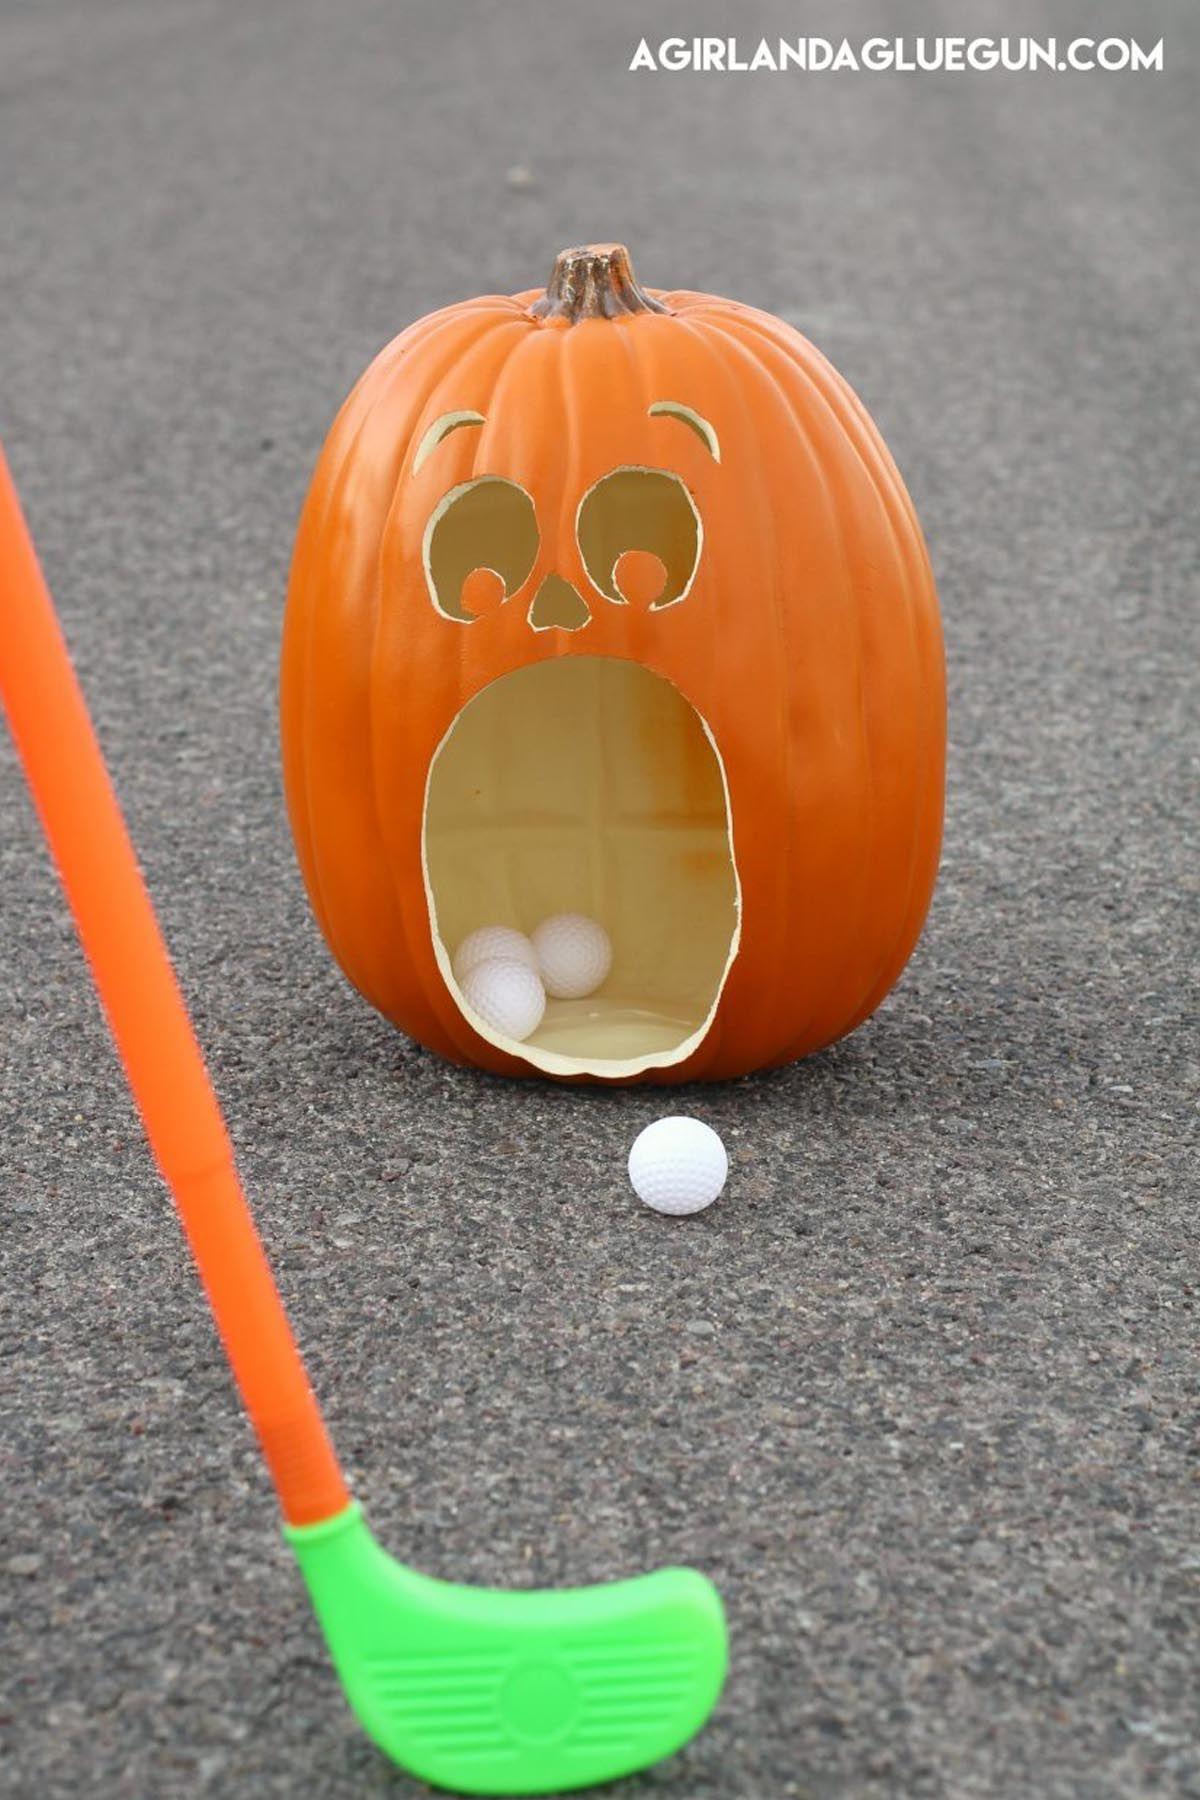 19 Fun Halloween Party Games for Kids , Best DIY Halloween